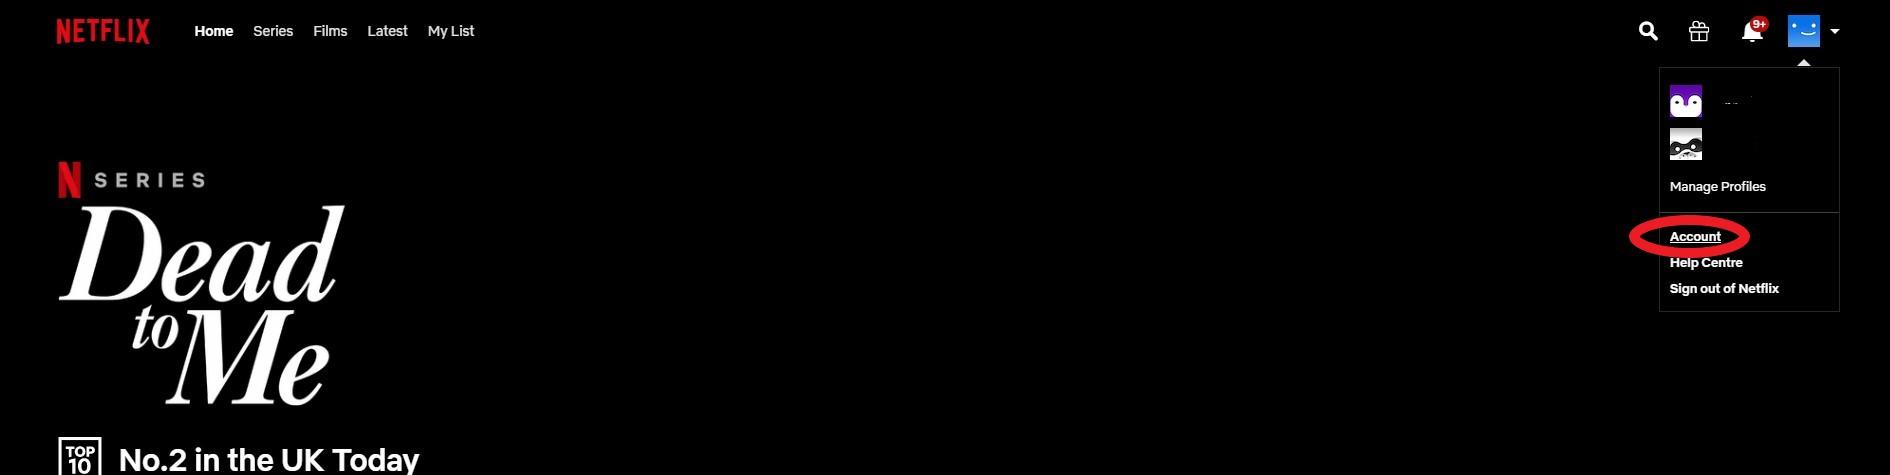 eliminar el historial de visualización de netflix